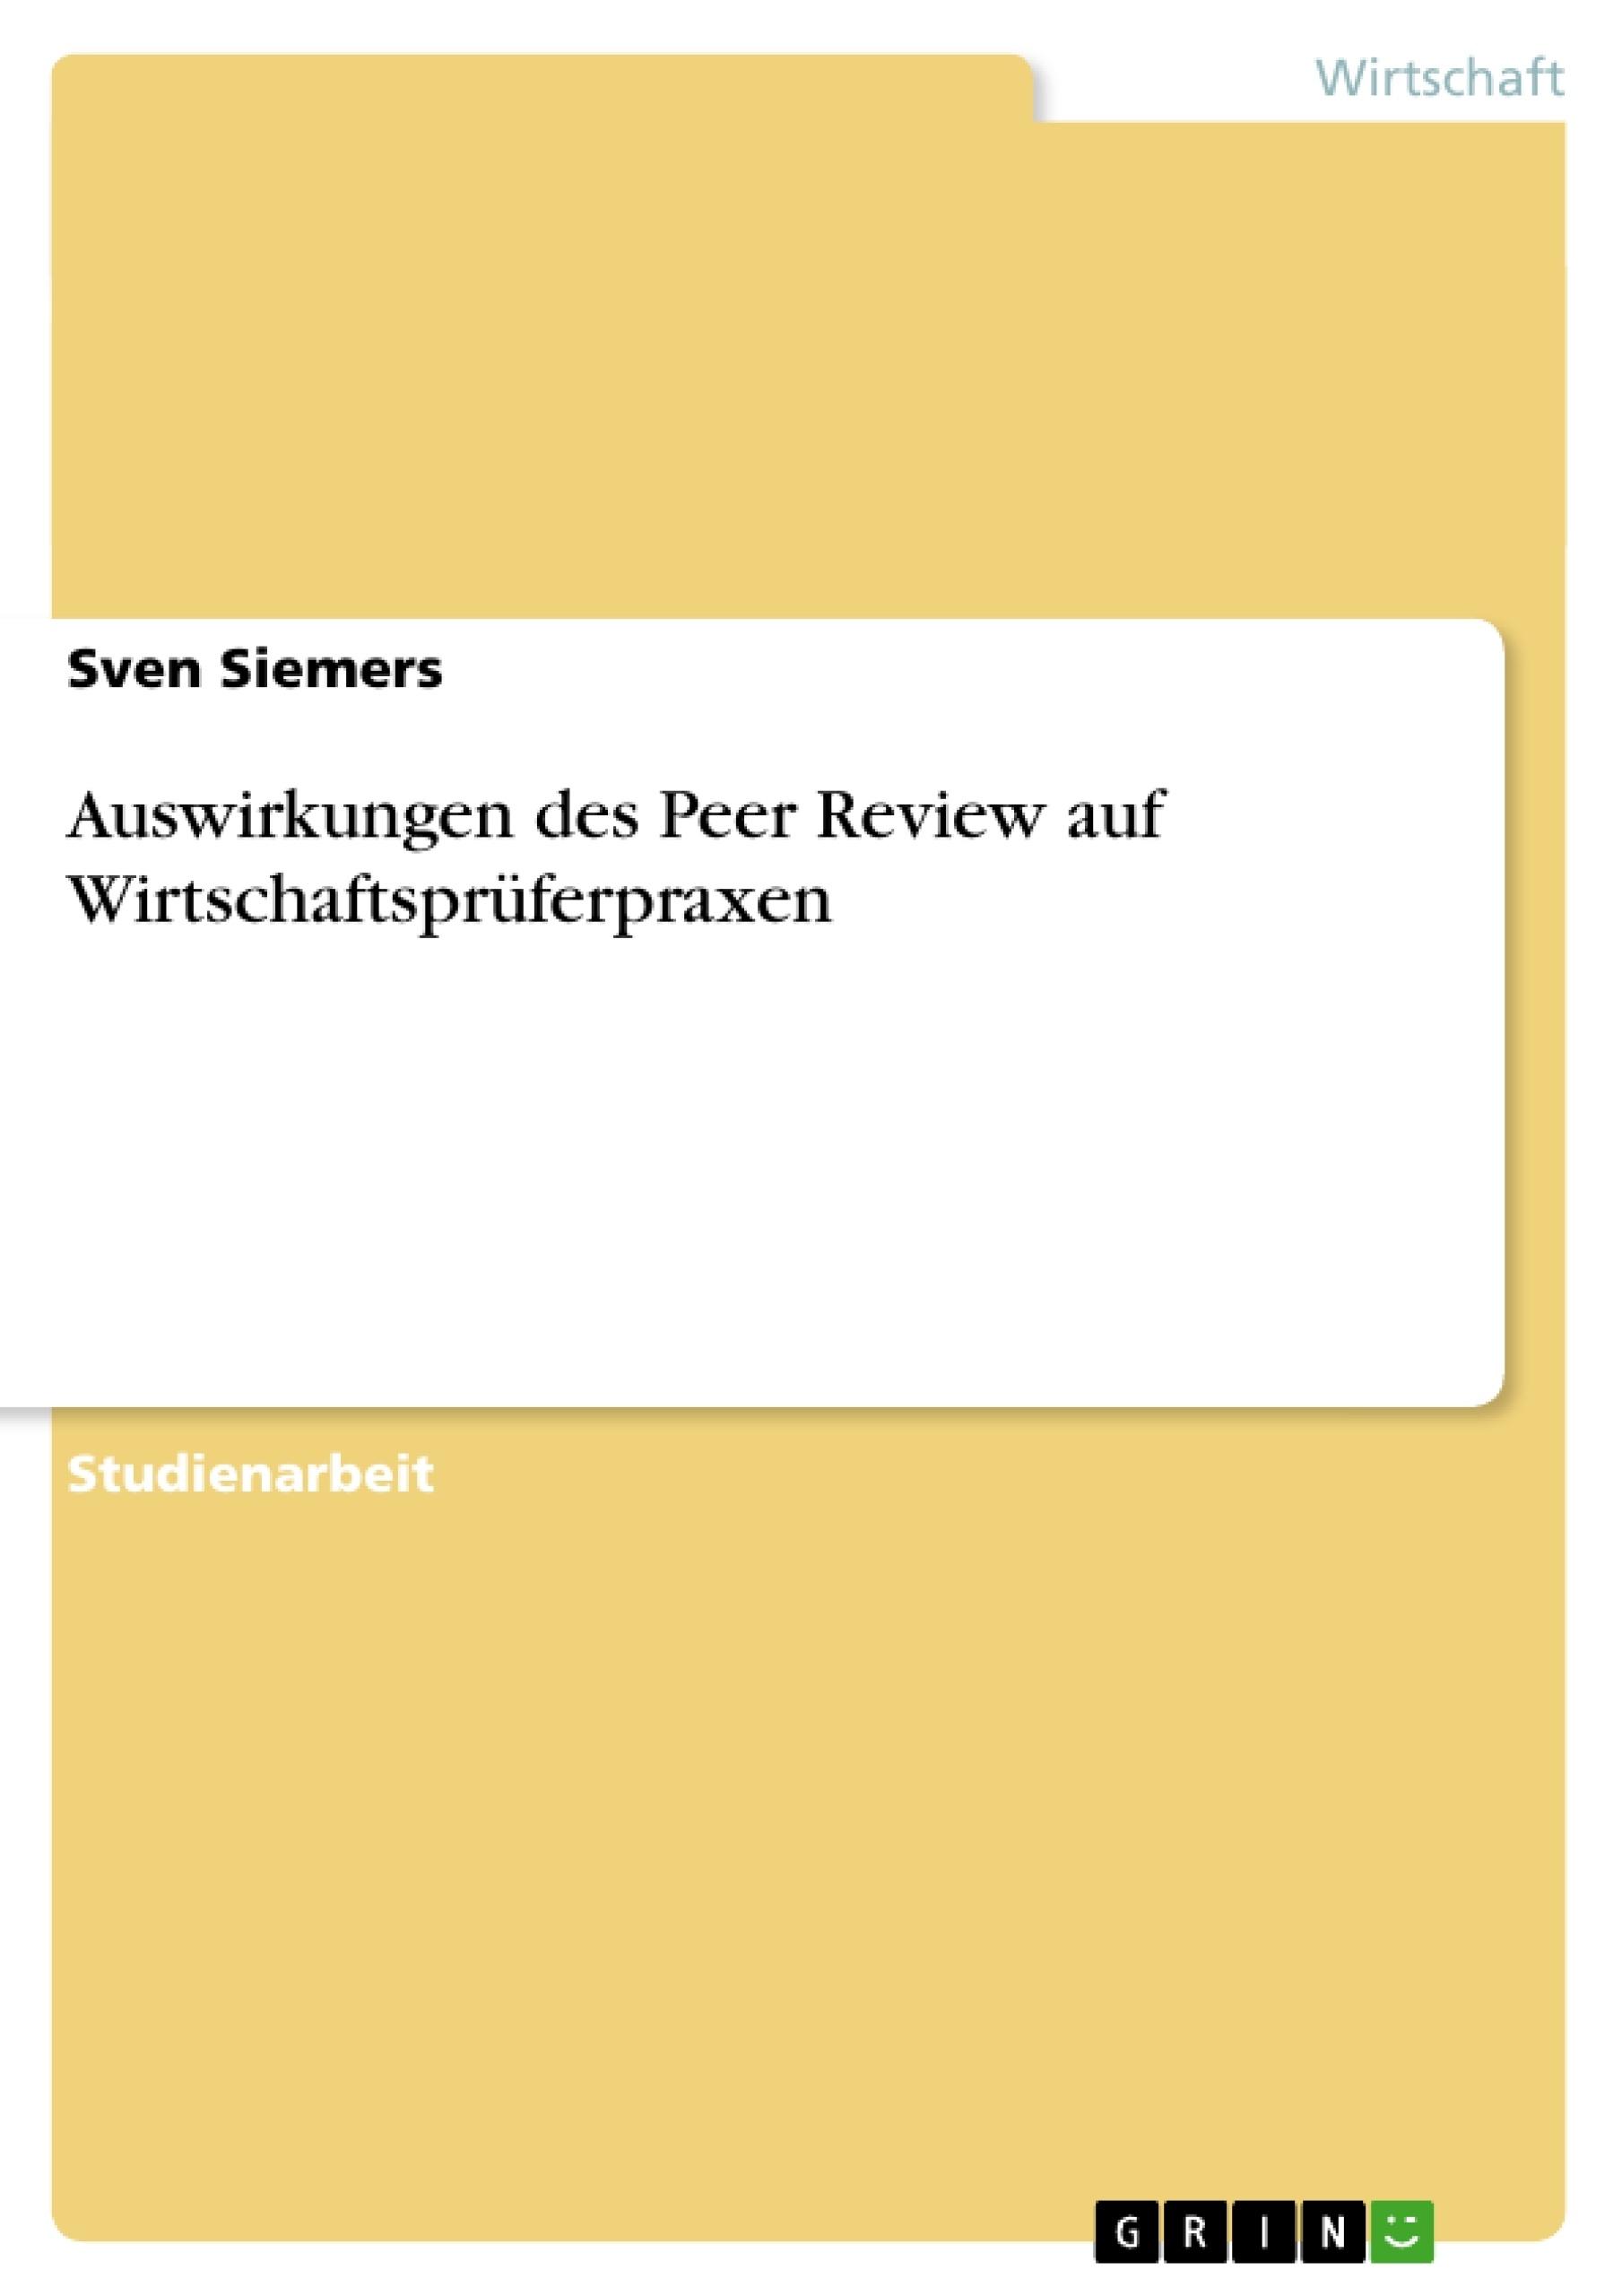 Titel: Auswirkungen des Peer Review auf Wirtschaftsprüferpraxen